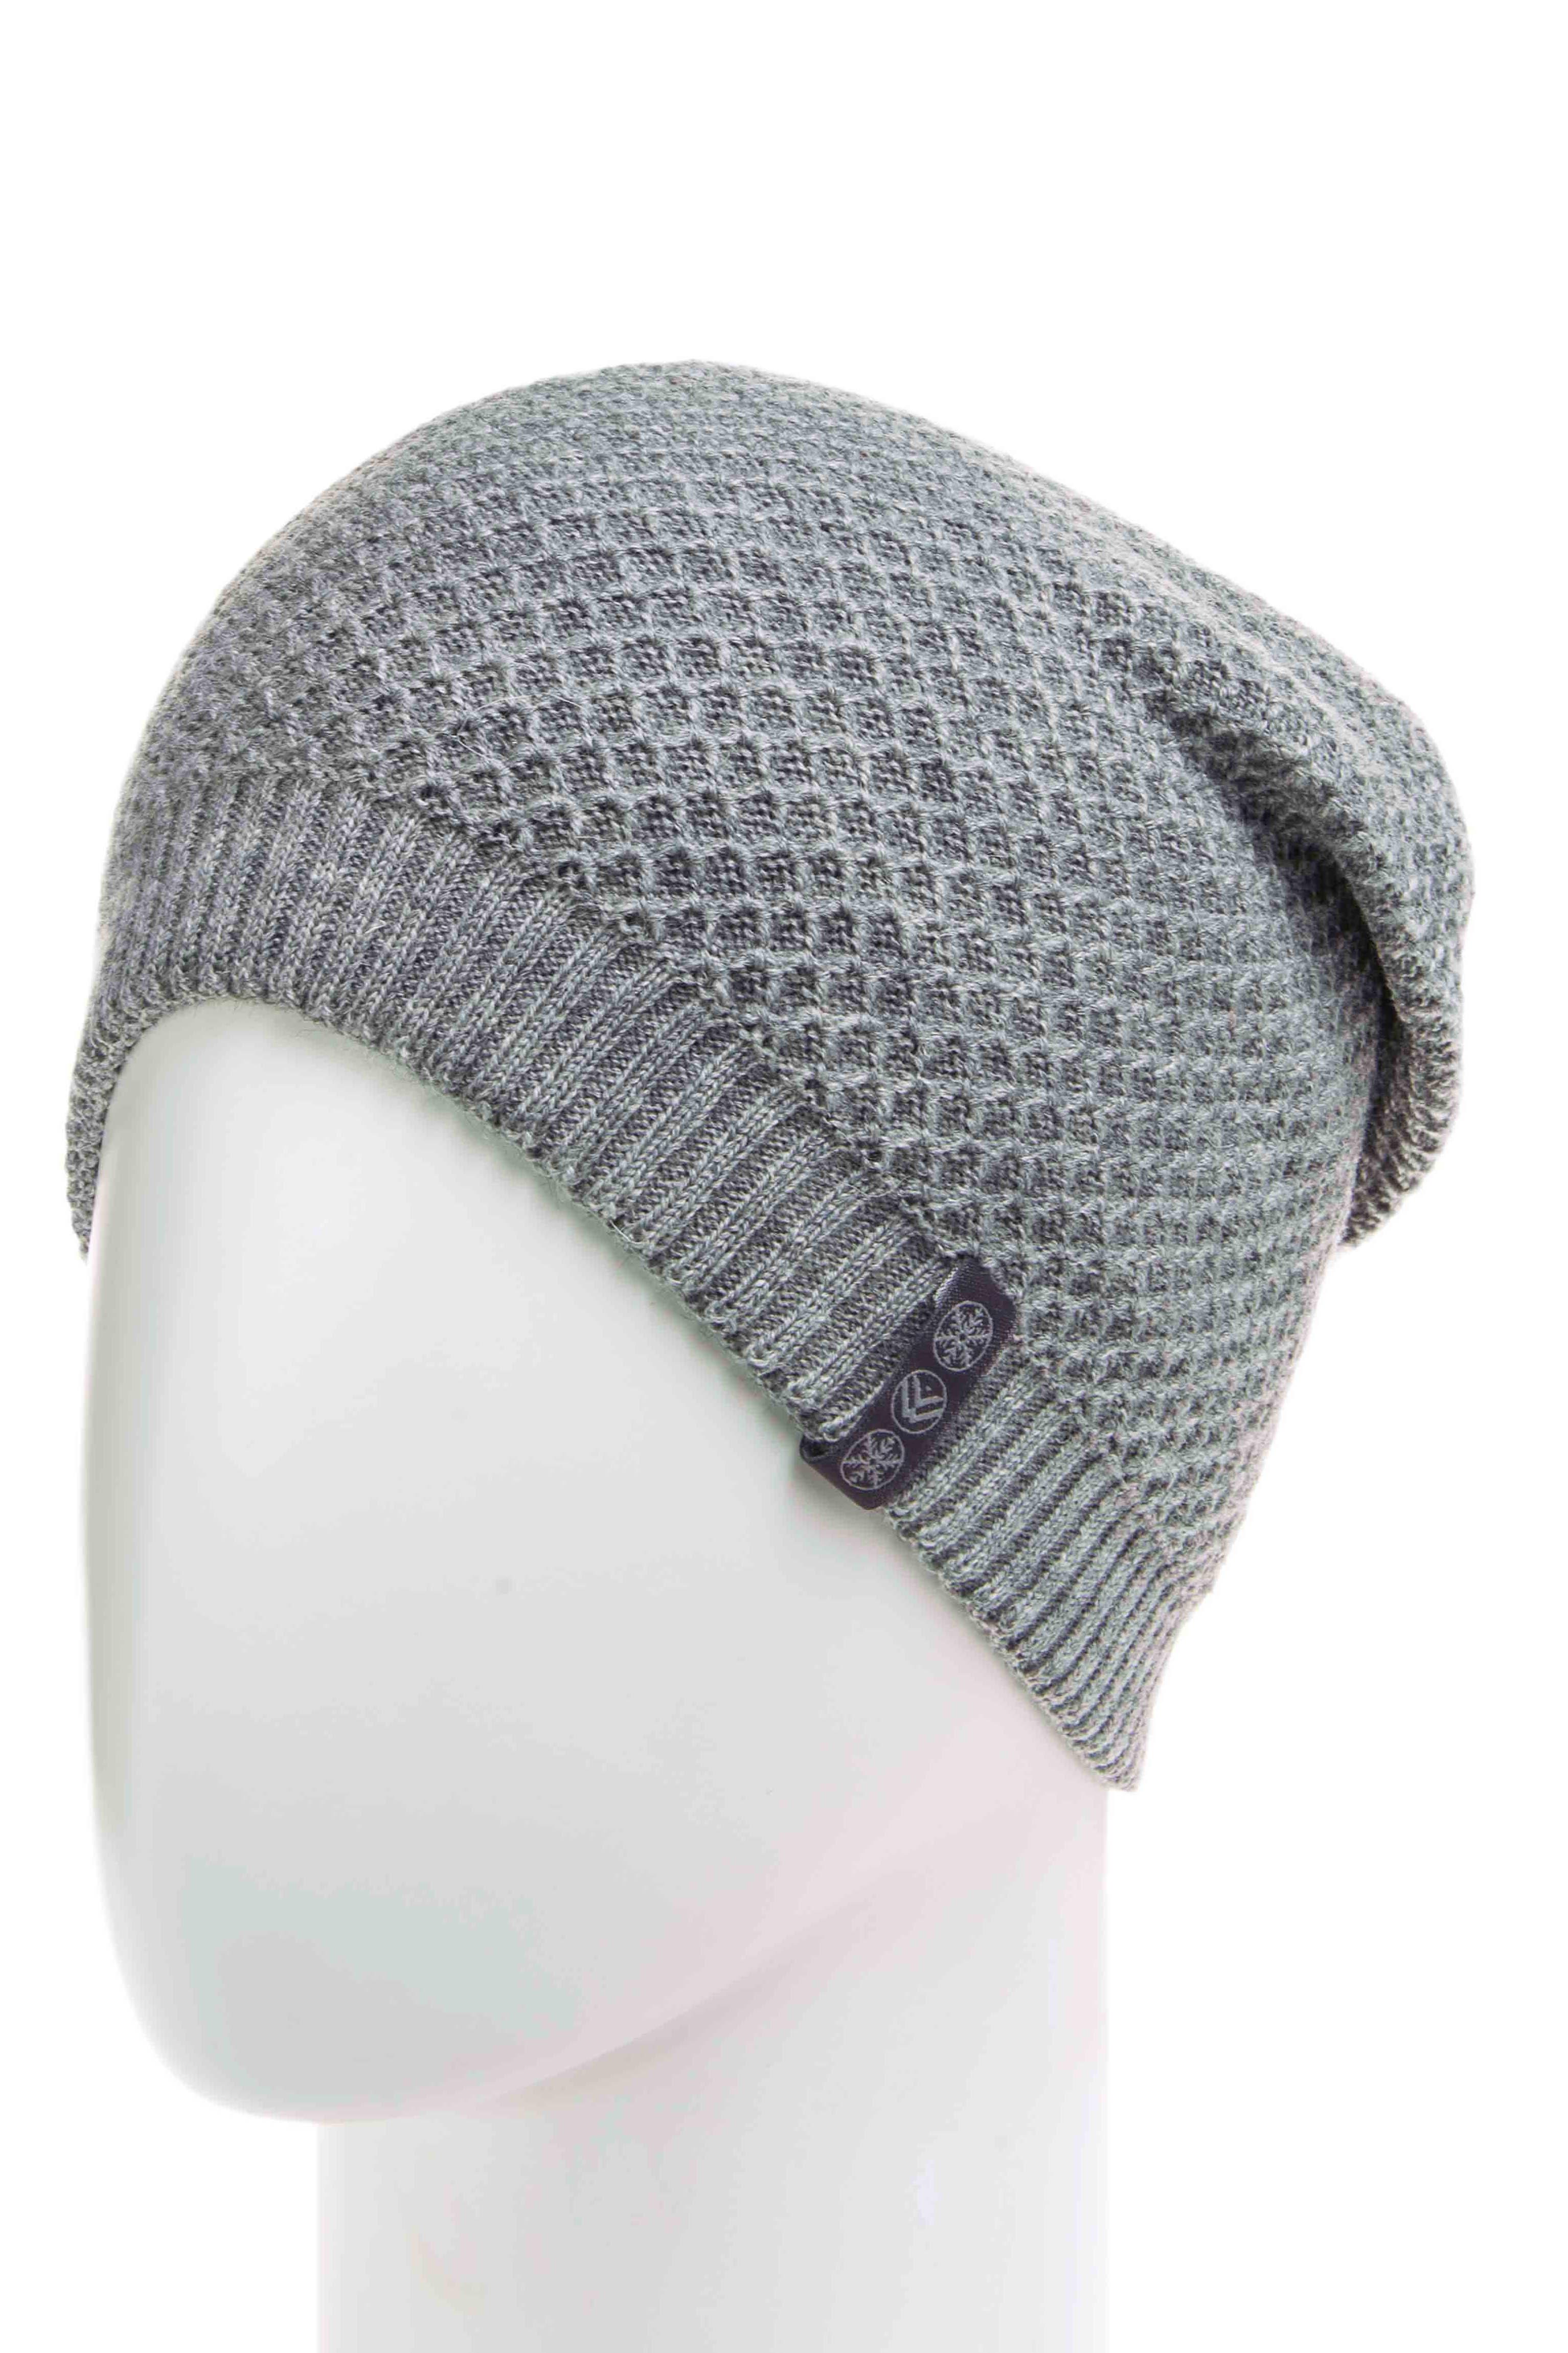 ШапкаШапки<br>Утепленная шапка подарит Вам тепло и комфорт.  Стильный аксессуар защитит Вас от непогоды и станет прекрасным дополнением Вашего образа.  В изделии использованы цвета: серый<br><br>По материалу: Вязаные,Трикотаж,Шерсть<br>По рисунку: Однотонные<br>По сезону: Зима<br>Размер : universal<br>Материал: Вязаное полотно<br>Количество в наличии: 1